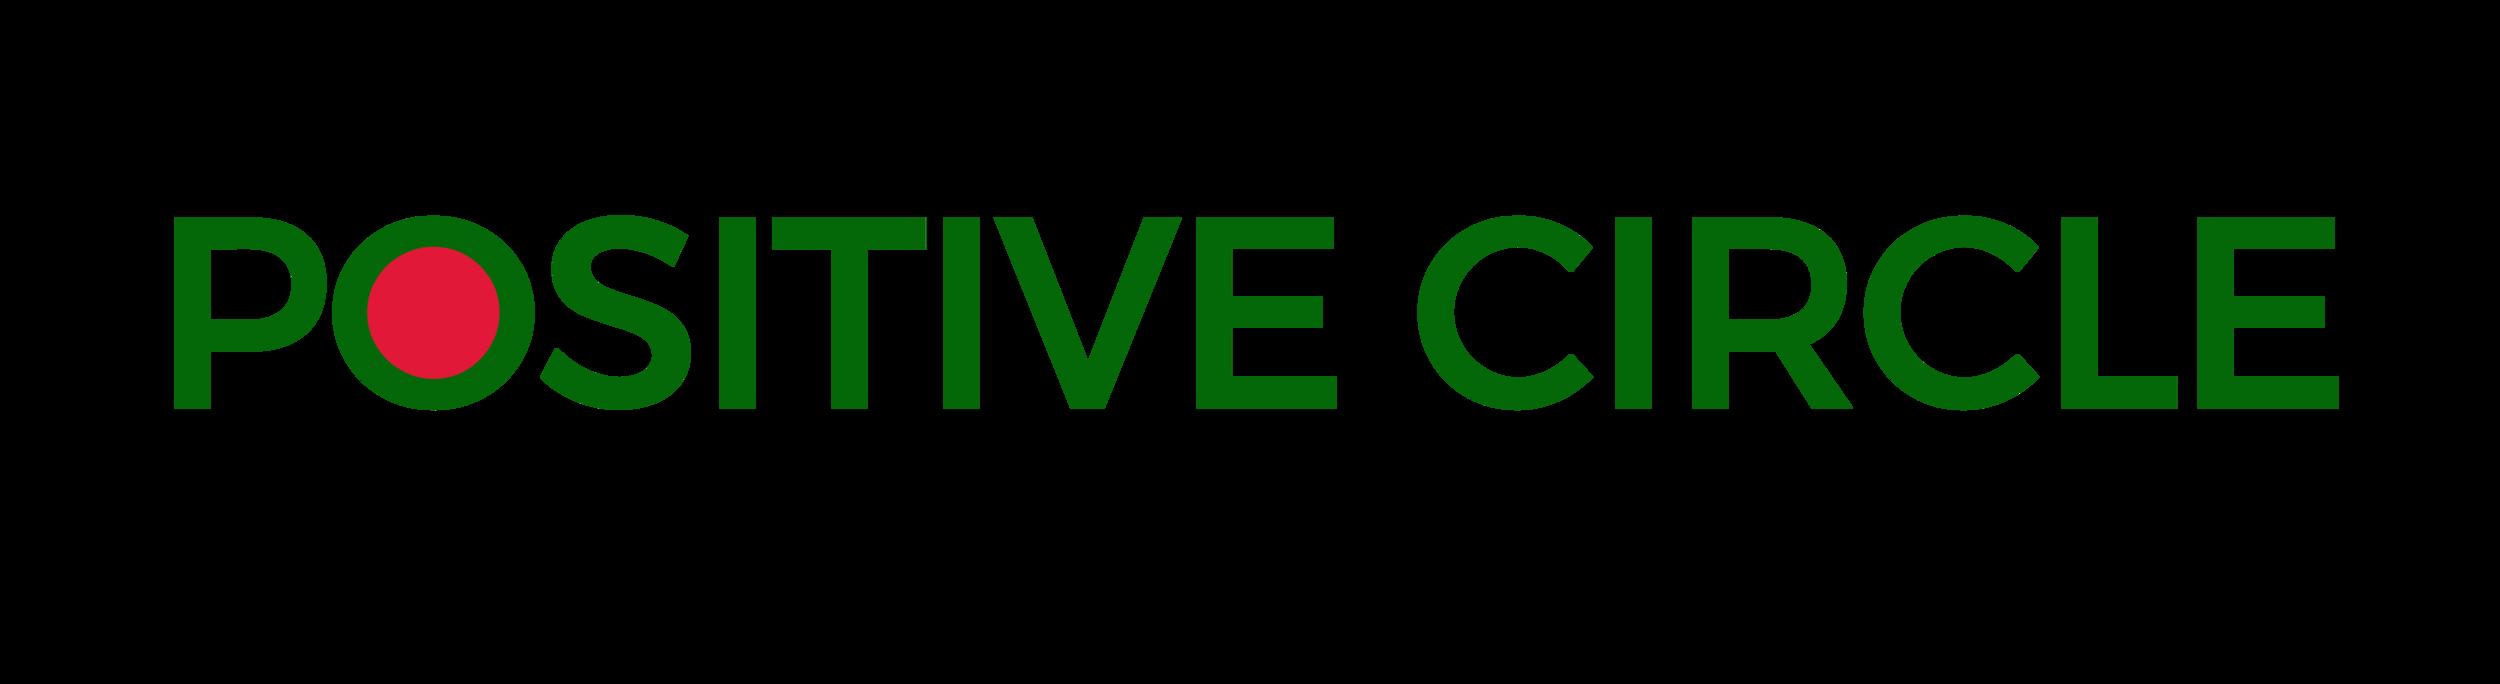 POSITIVE CIRCLE-logo (1).png